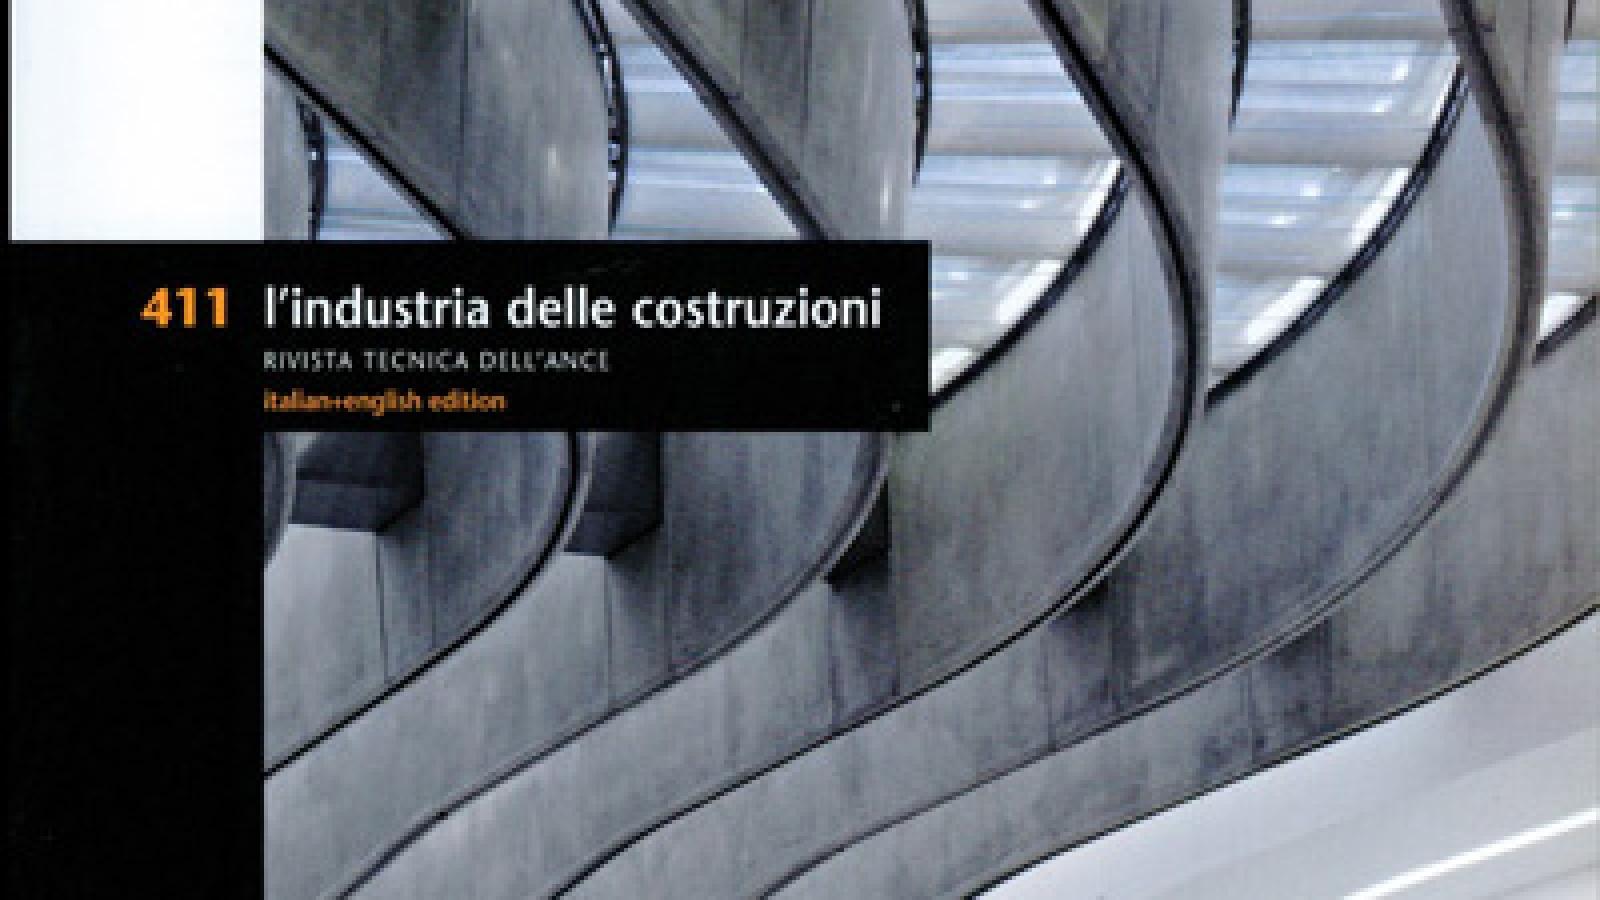 LIndustriaDelleCostruzioni_411_2010